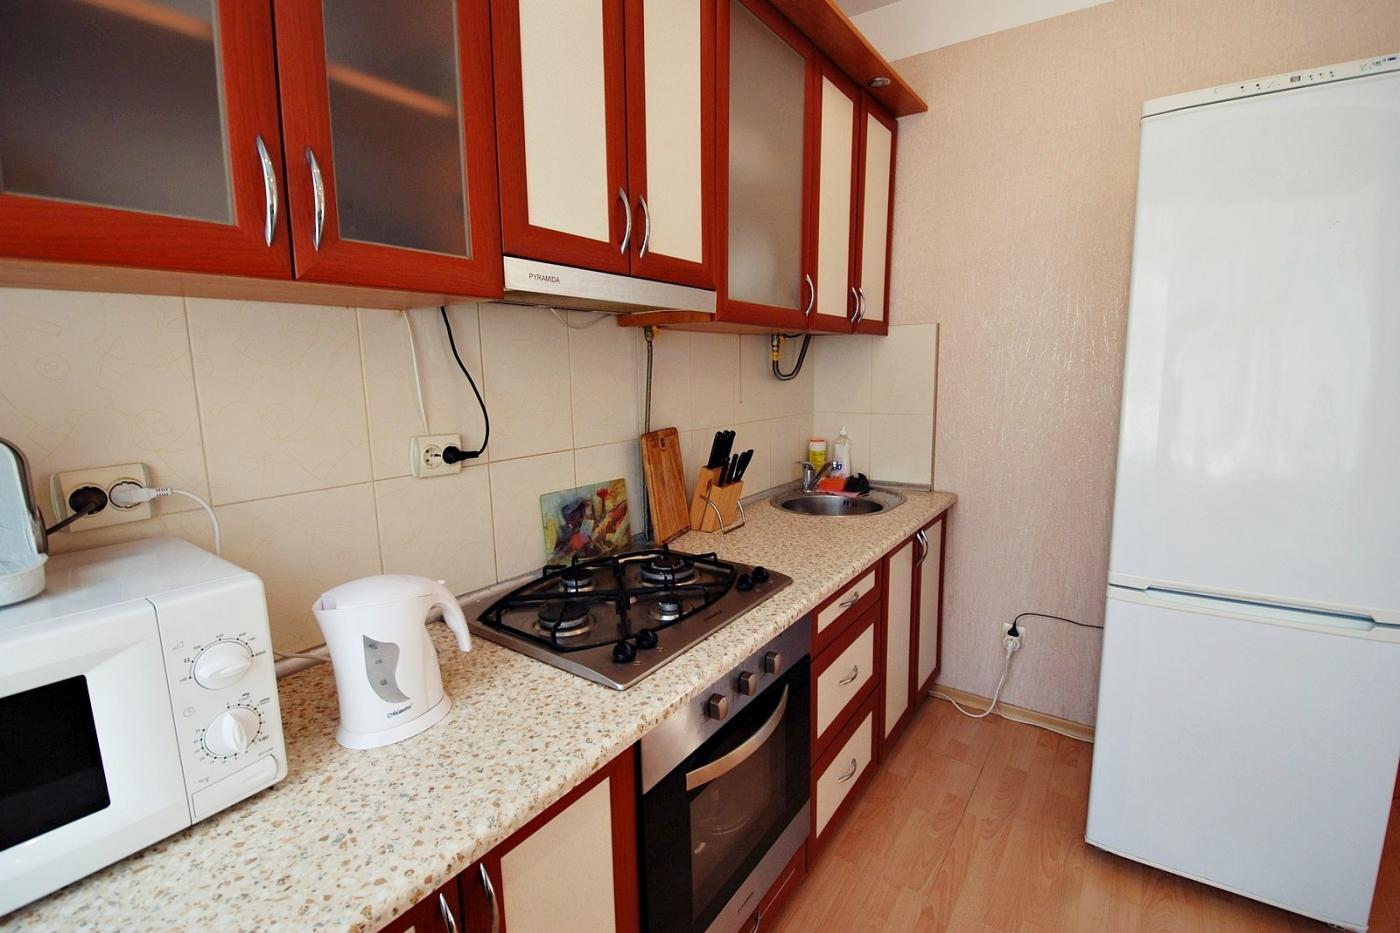 2-комнатный Коттедж посуточно (вариант № 1188), ул. Щербака улица, фото № 4